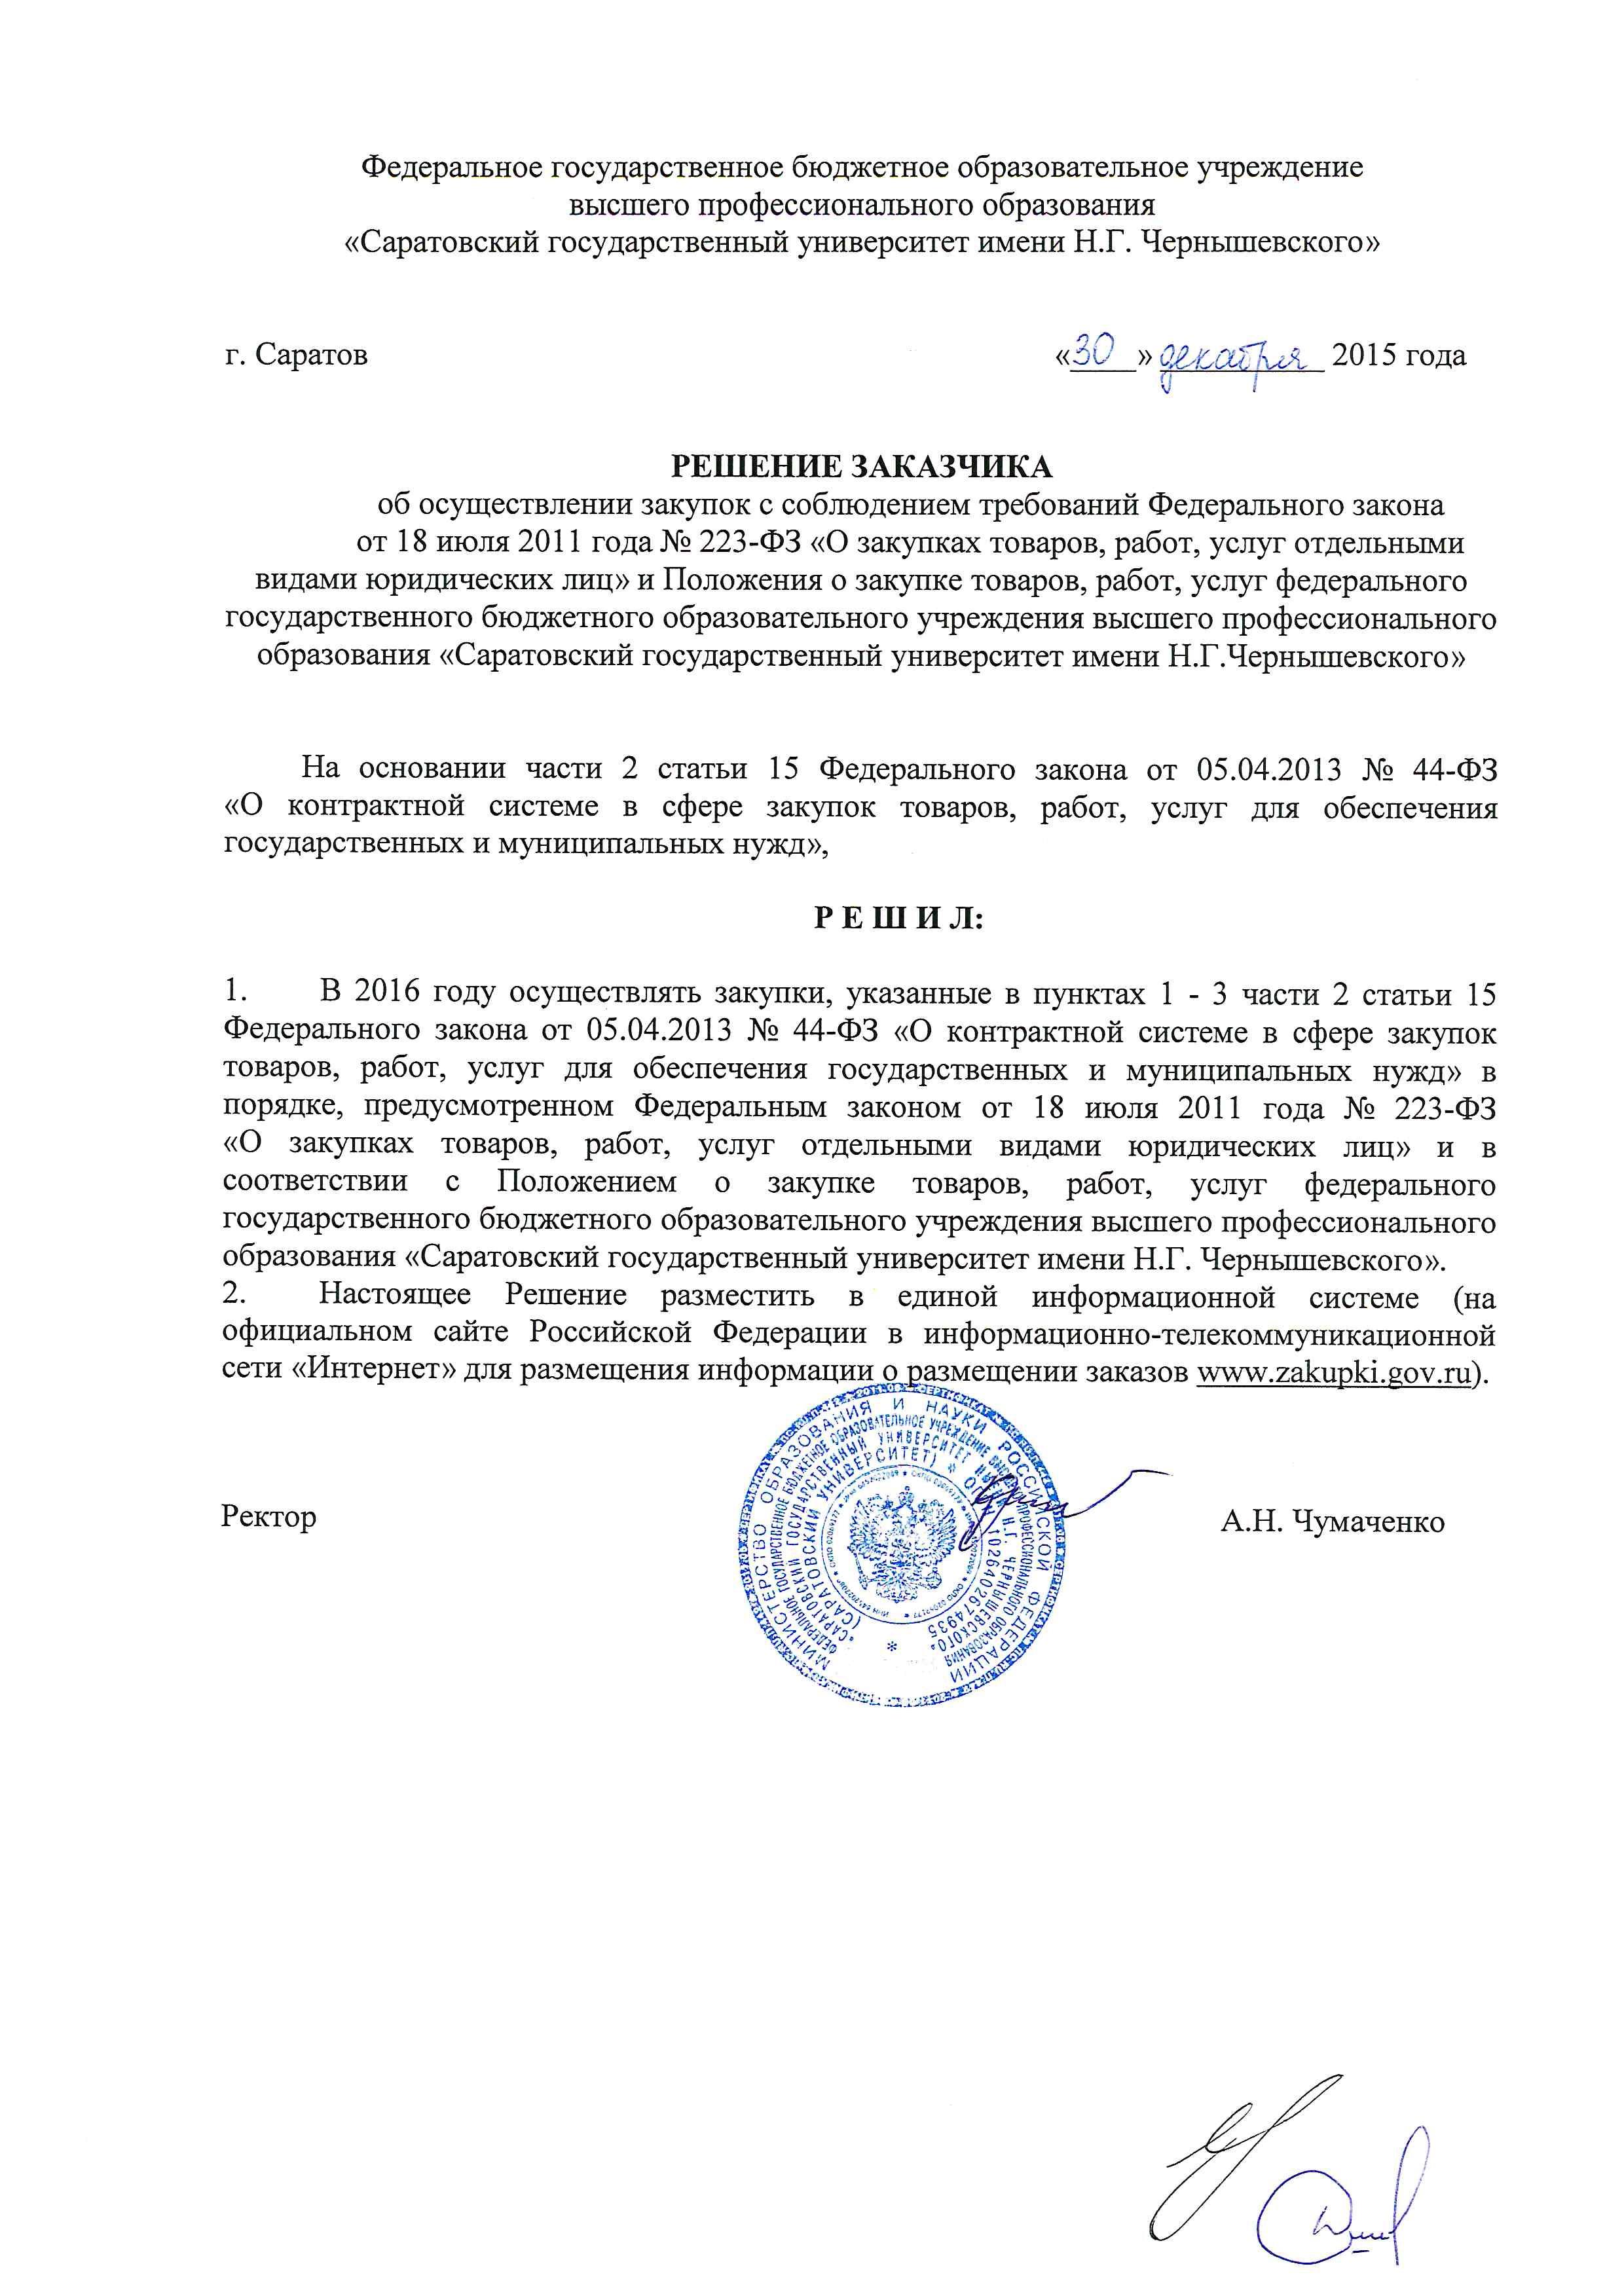 документы СГУ Саратовский государственный университет Решение Заказчика 223 ФЗ